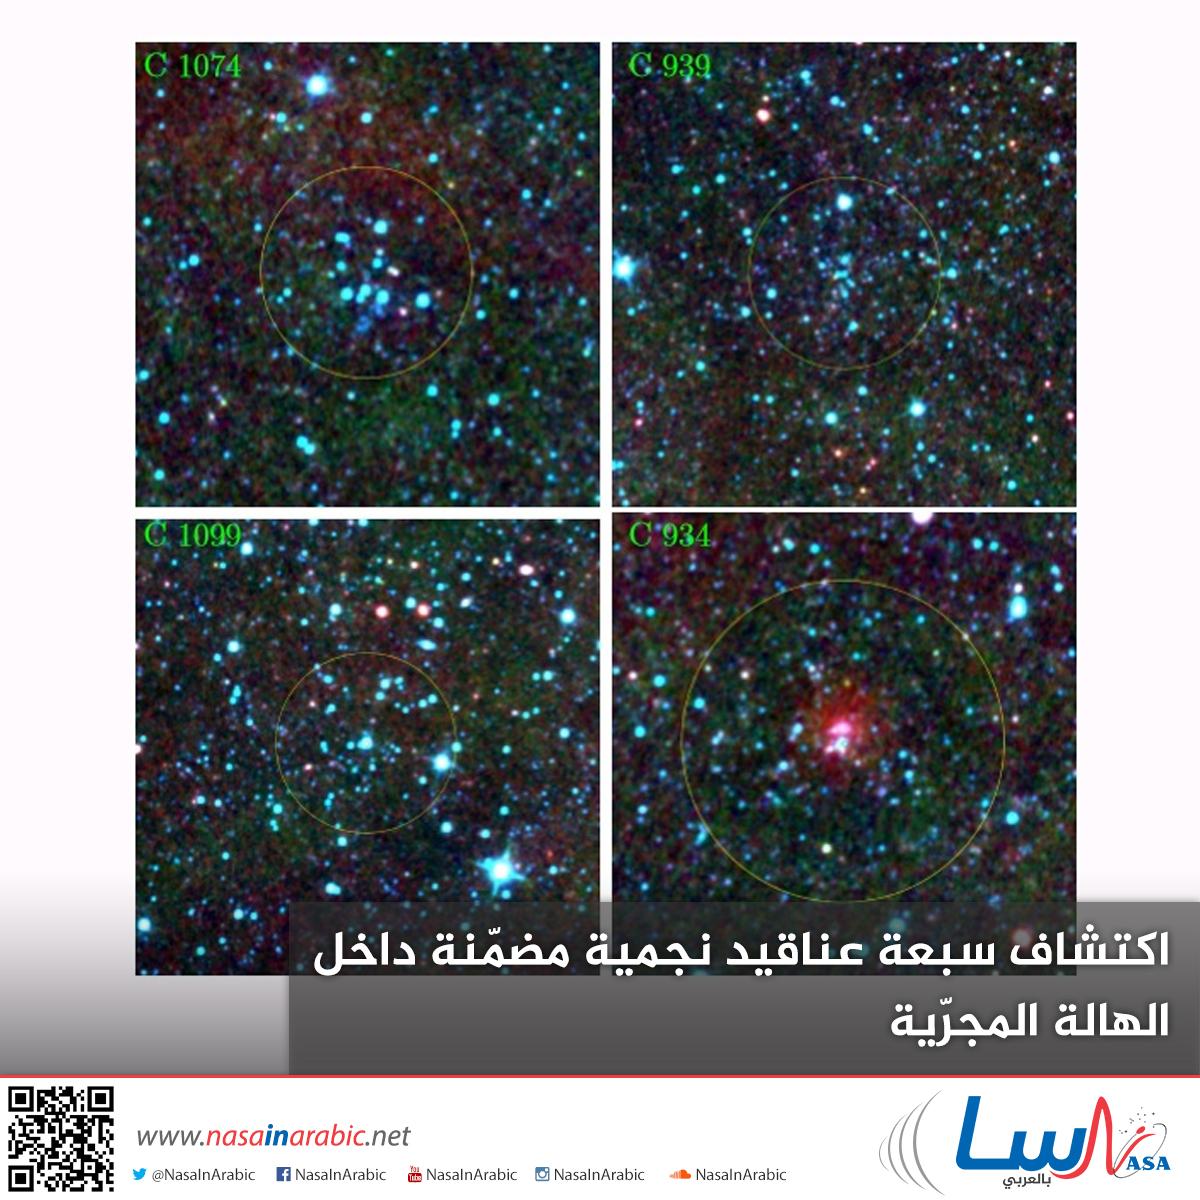 اكتشاف سبعة عناقيد نجمية مضمّنة داخل الهالة المجرّية